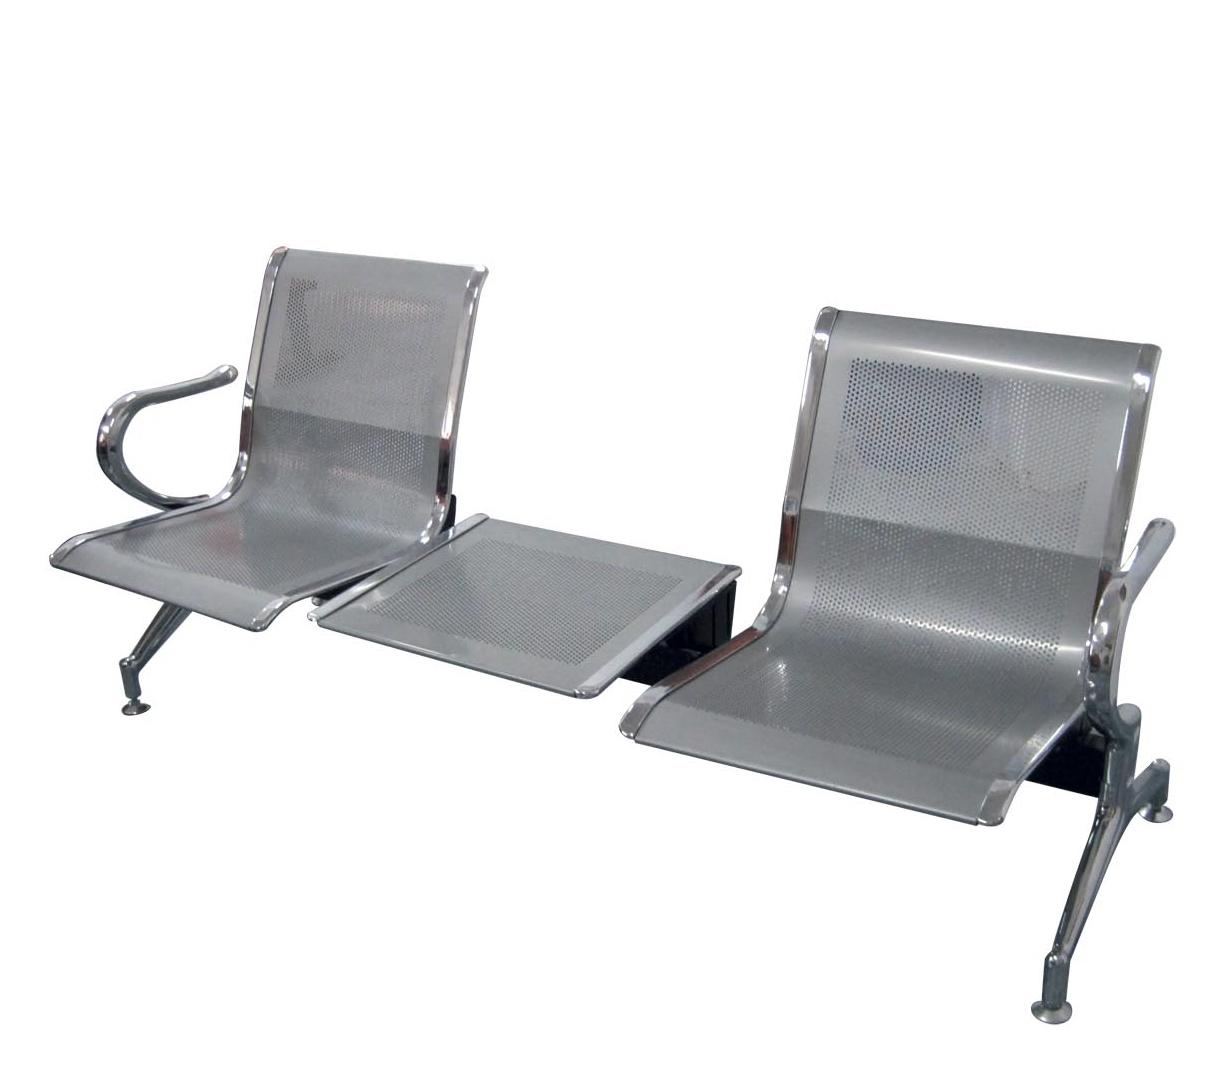 等候椅CH-J016